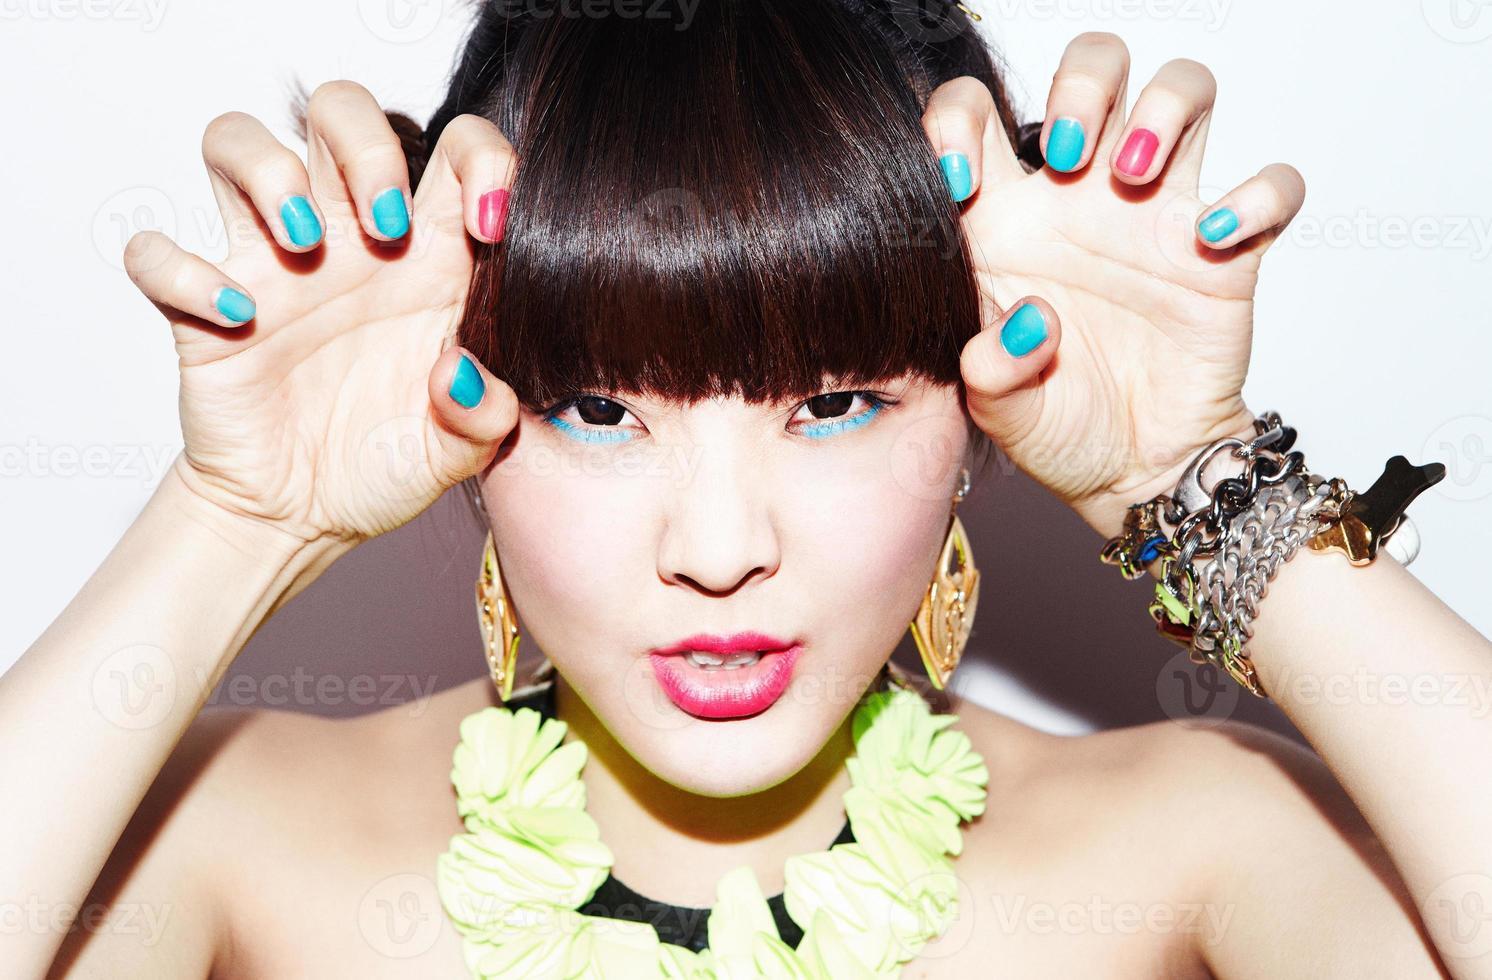 süßes asiatisches Mädchen mit starkem Make-up foto